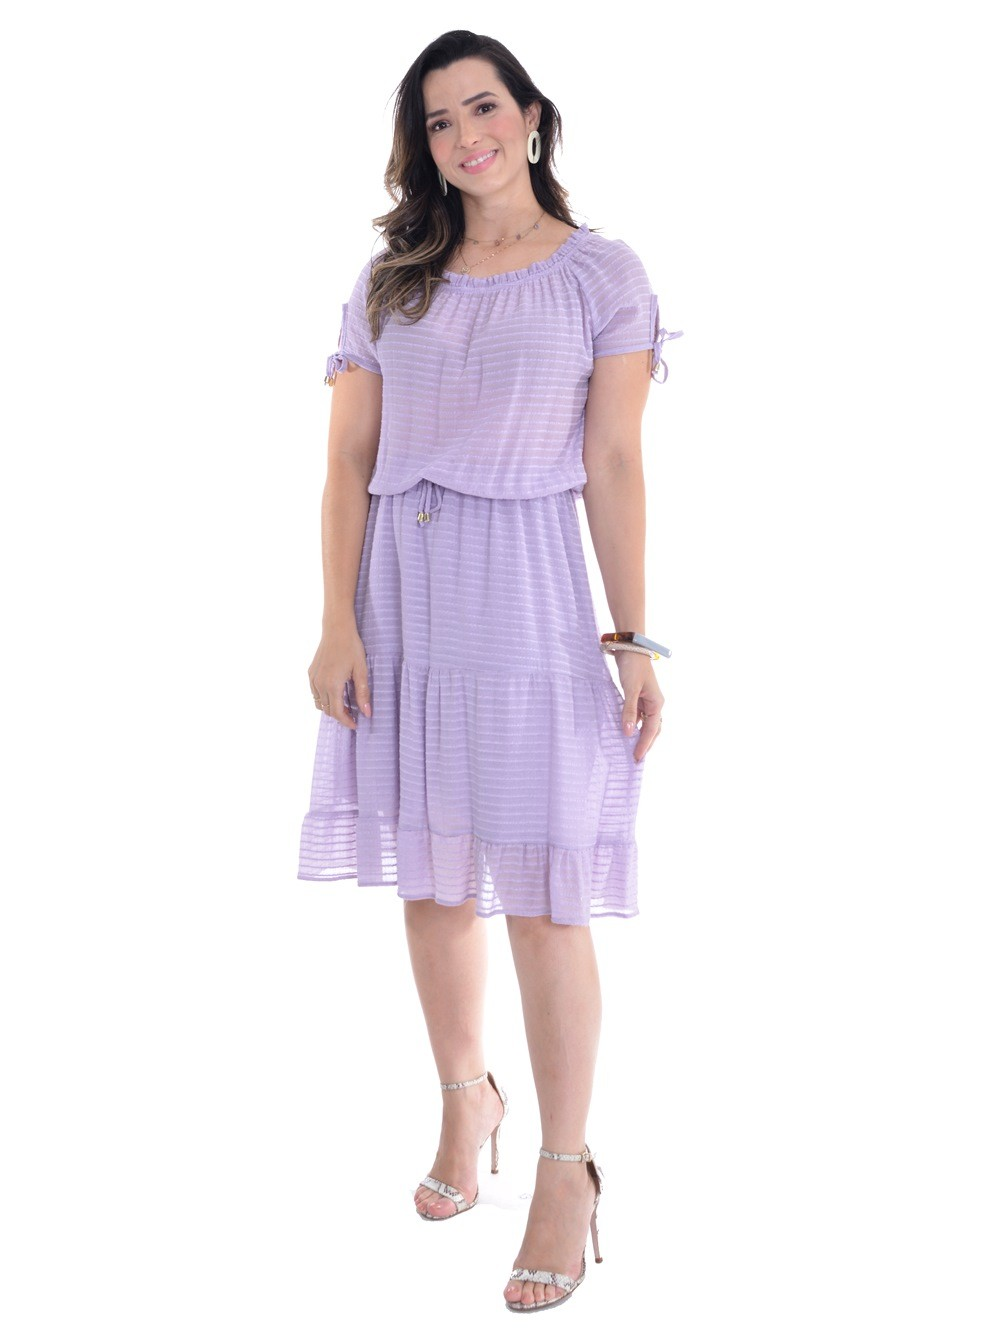 vestido em viscose, modelagem solta